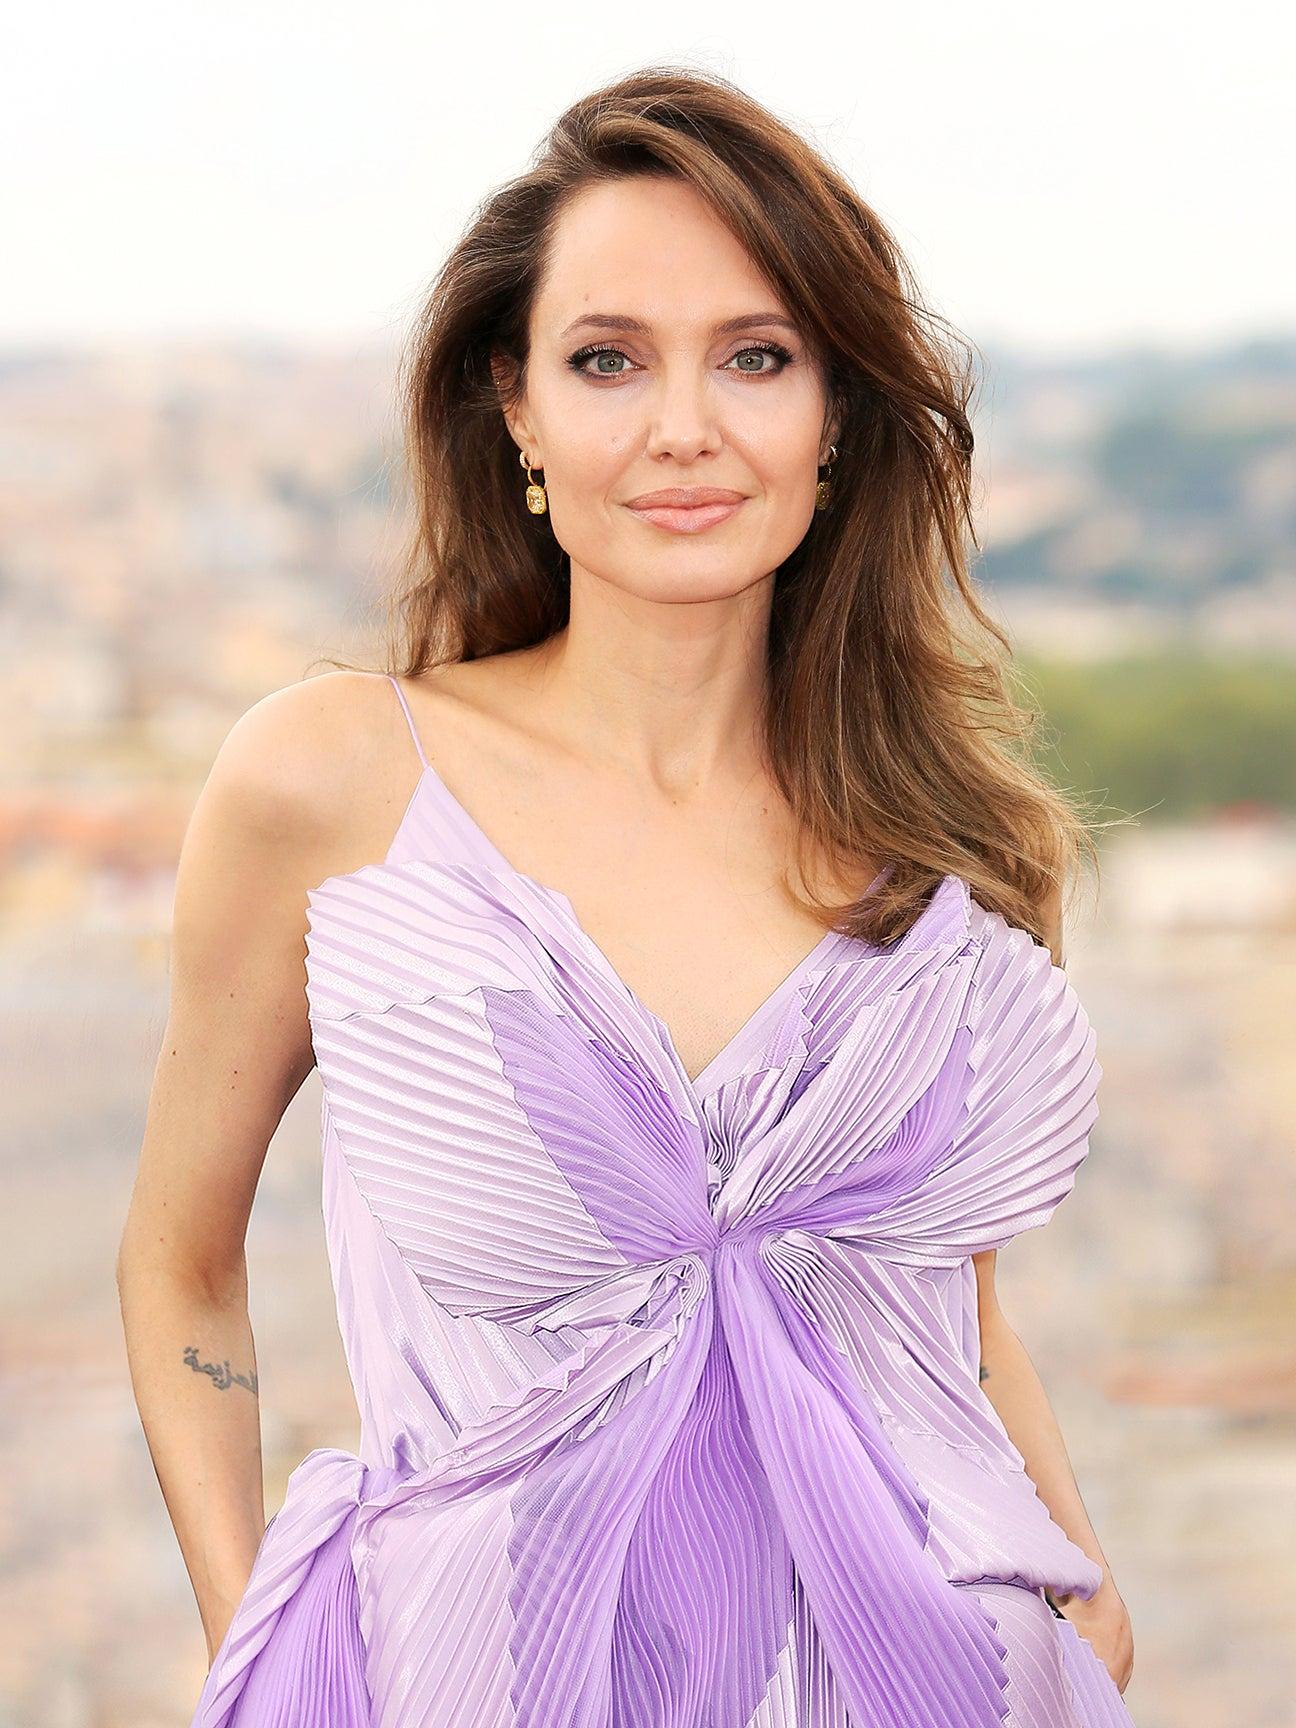 angelina jolie in a purple dress